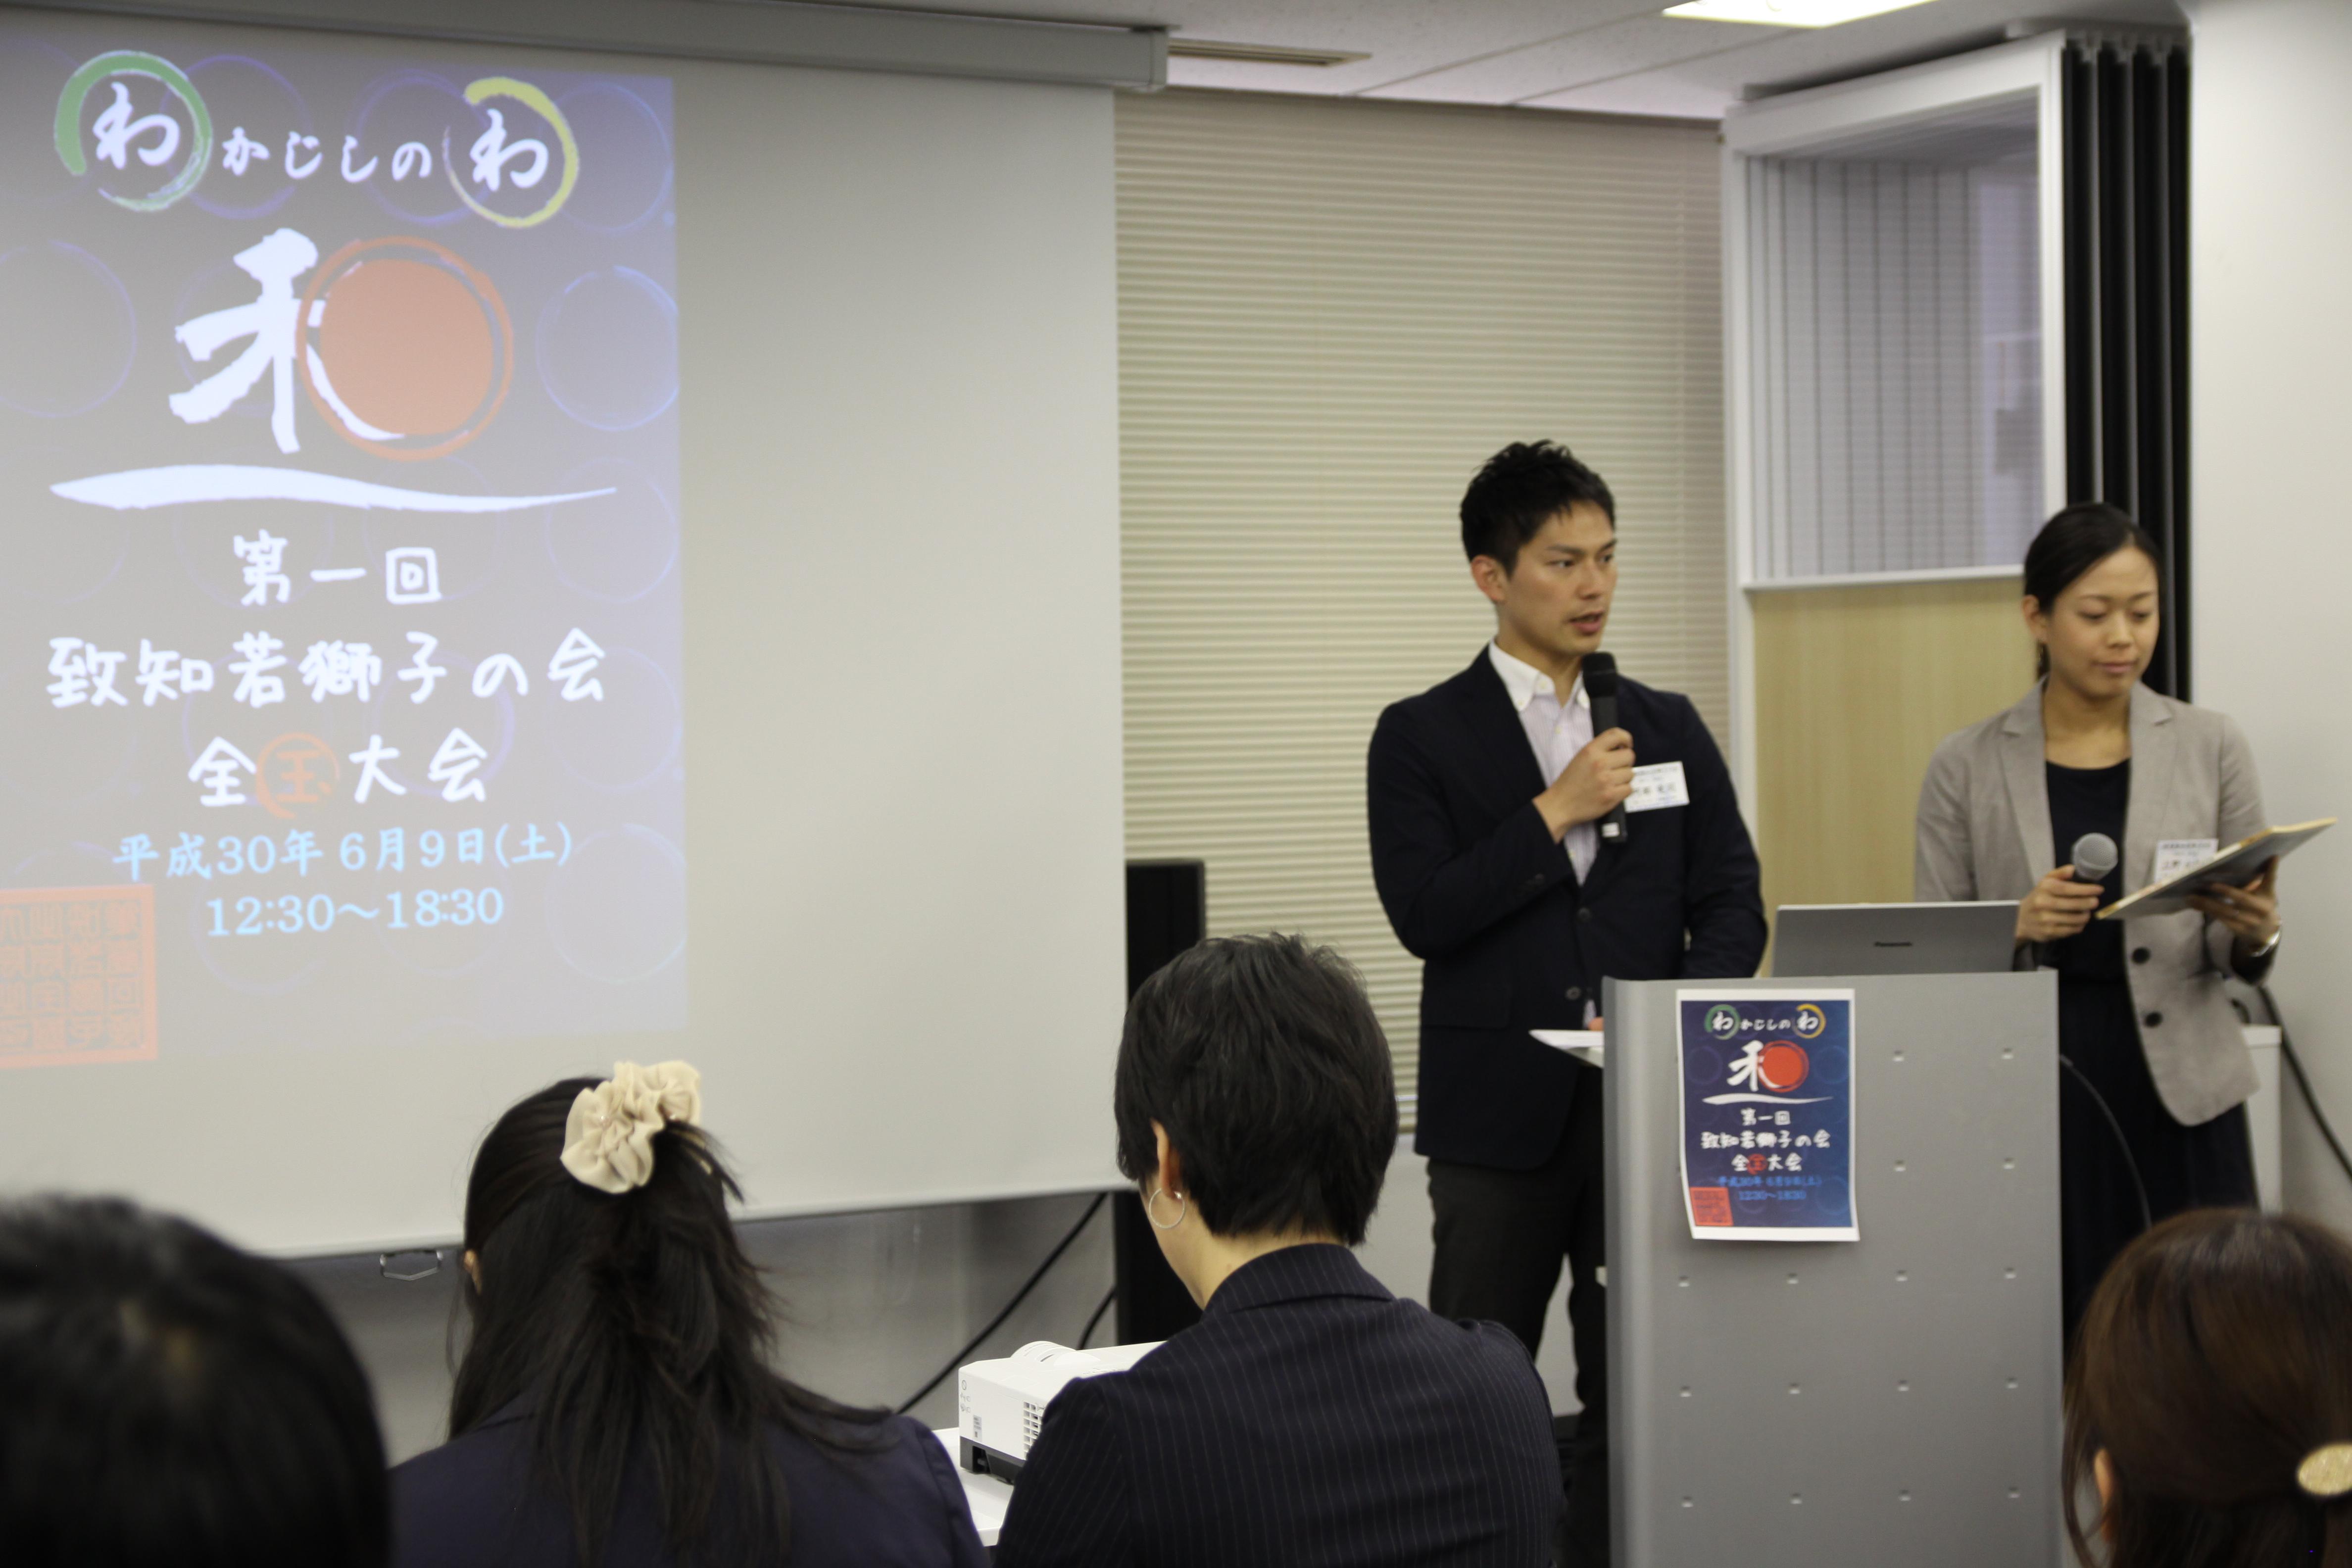 IMG 4521 - 関東若獅子の会、記念すべき第100回